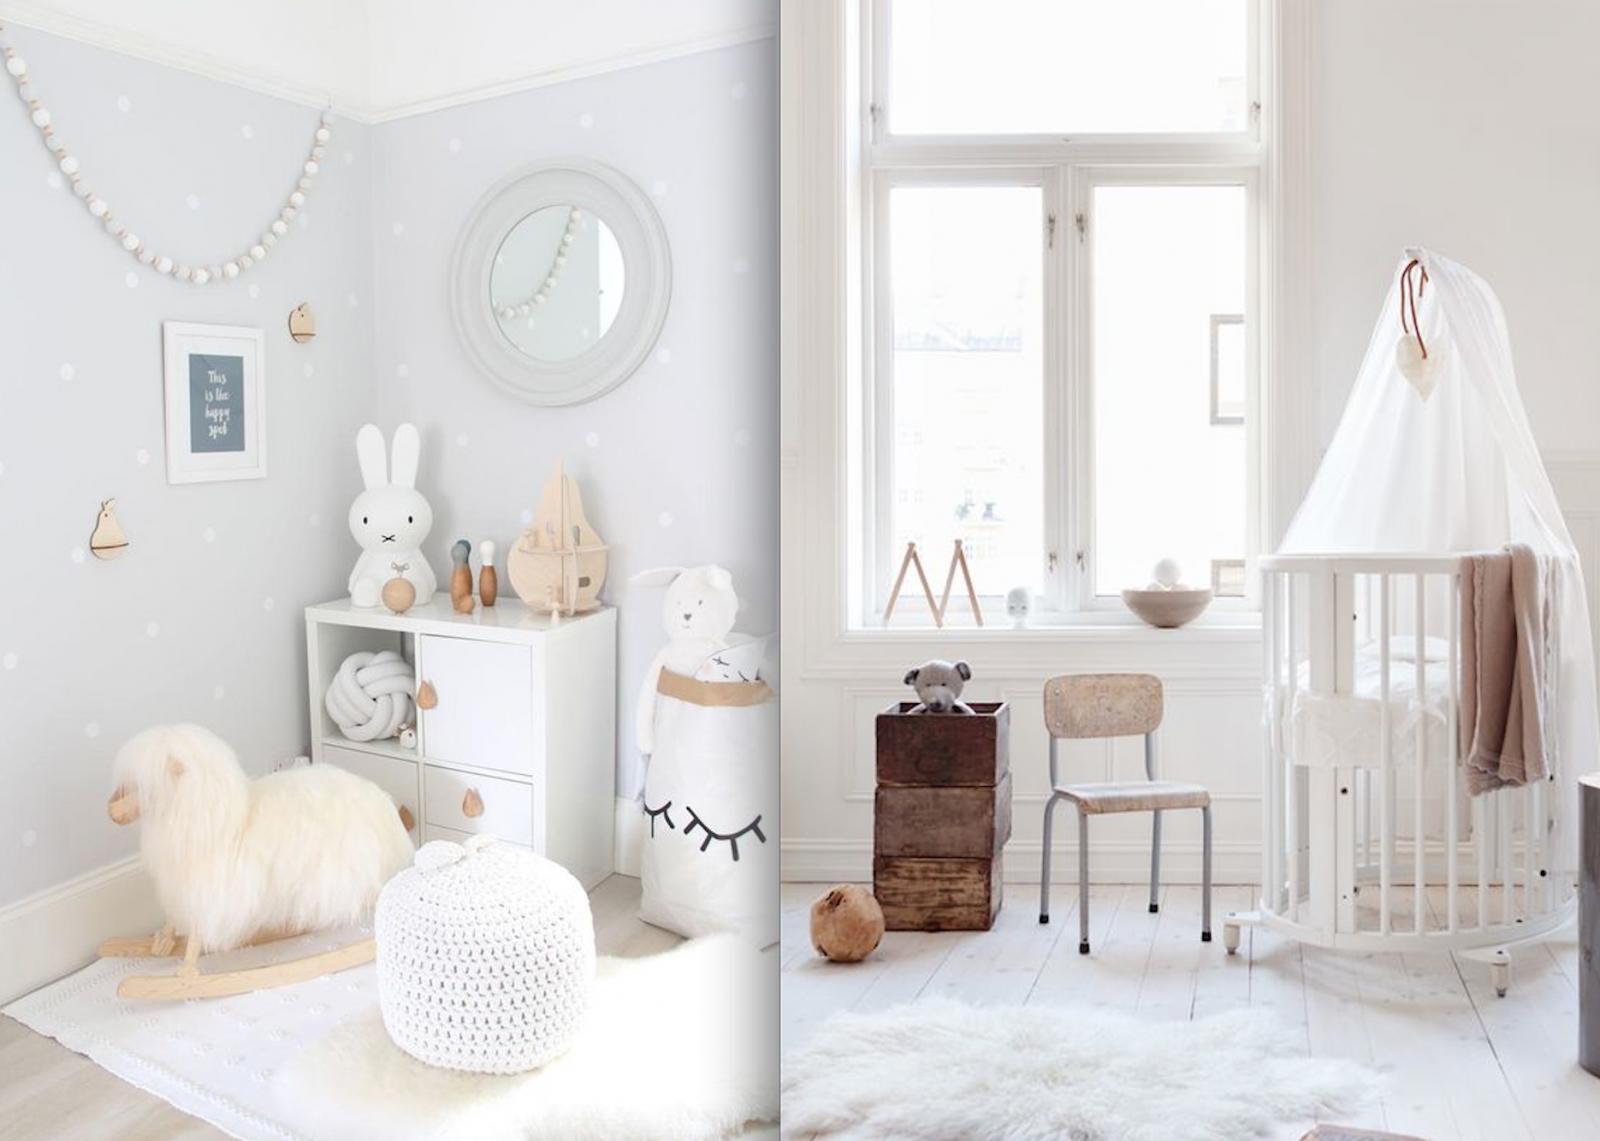 Chambre Bébé Quelle Couleur Choisir : Ophrey chambre bebe quelle couleur choisir